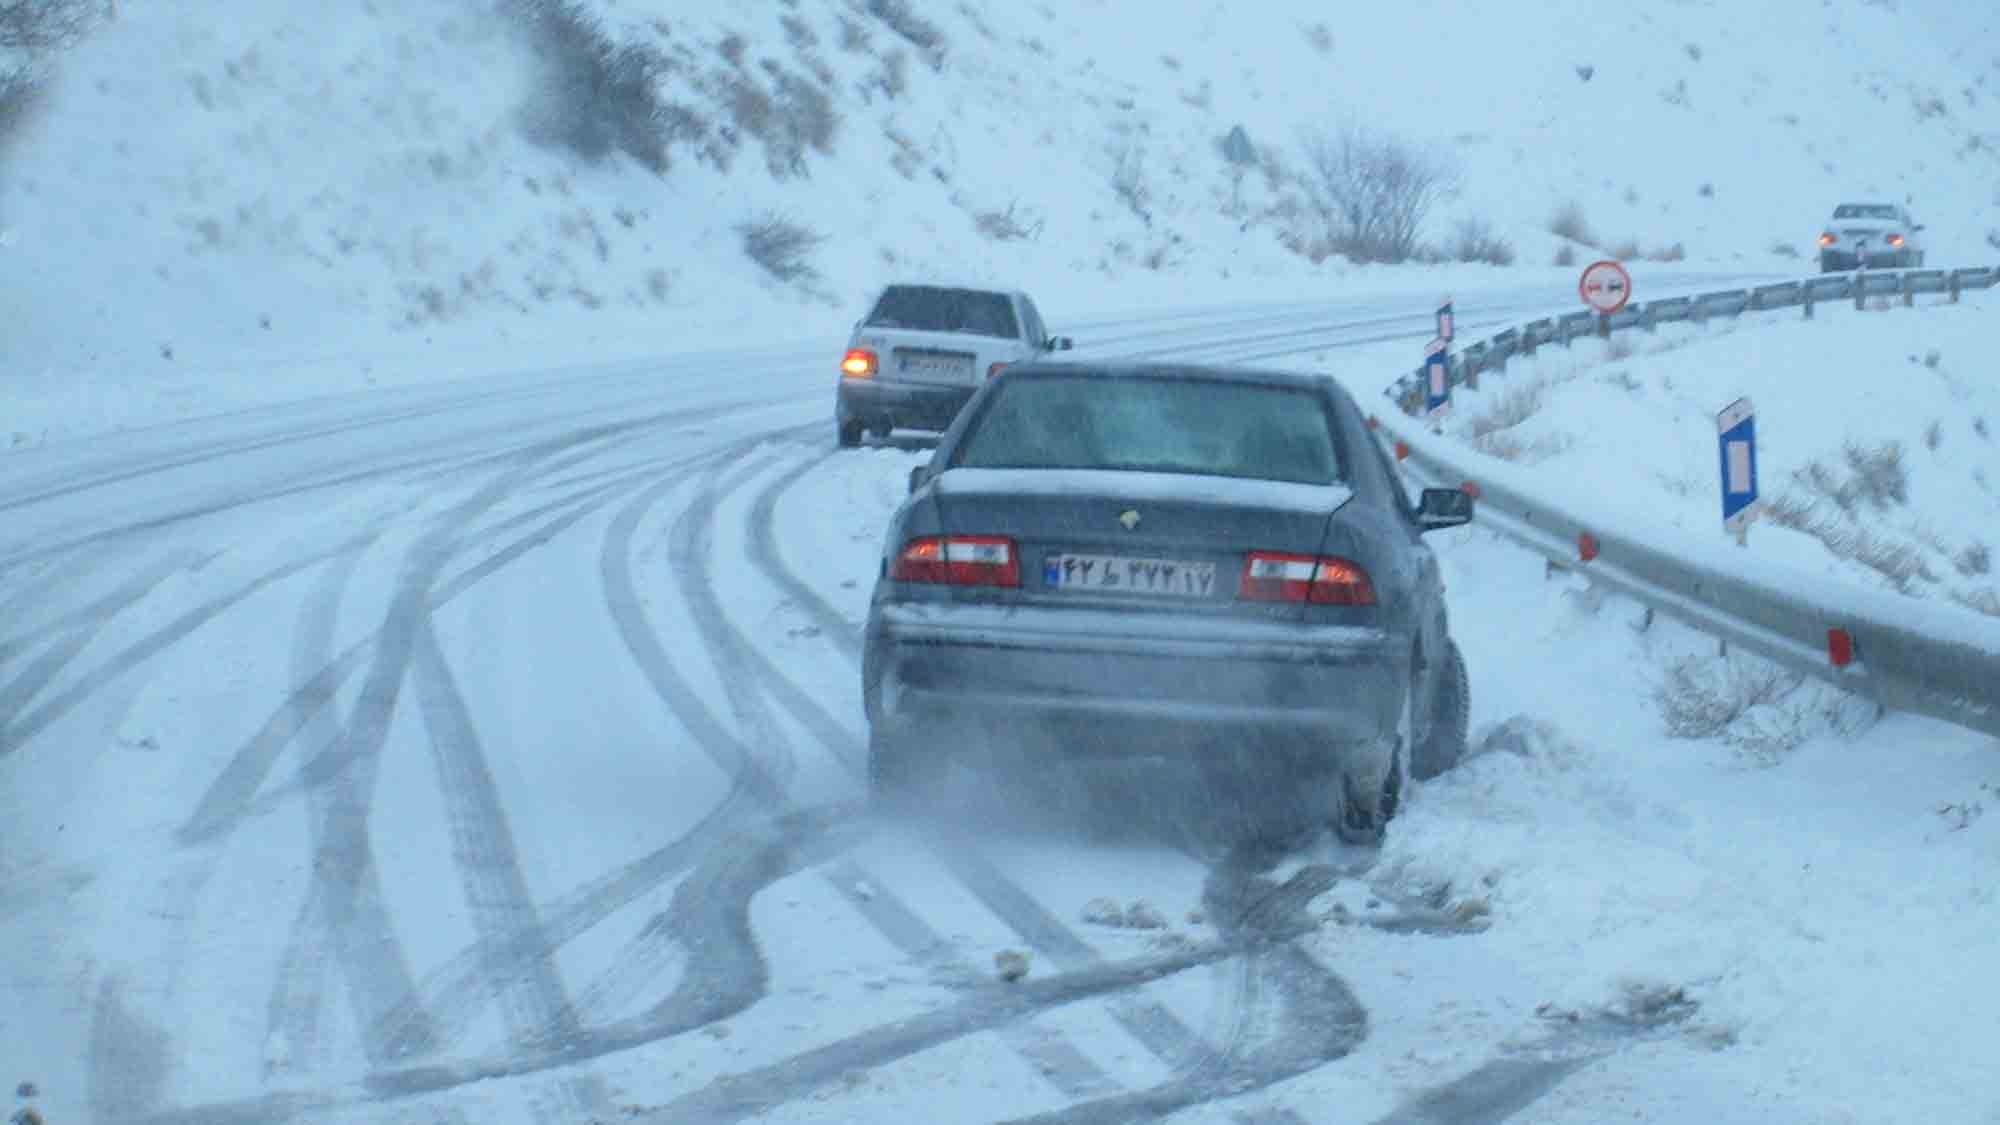 توصیه هایی برای رانندگی در برف و باران